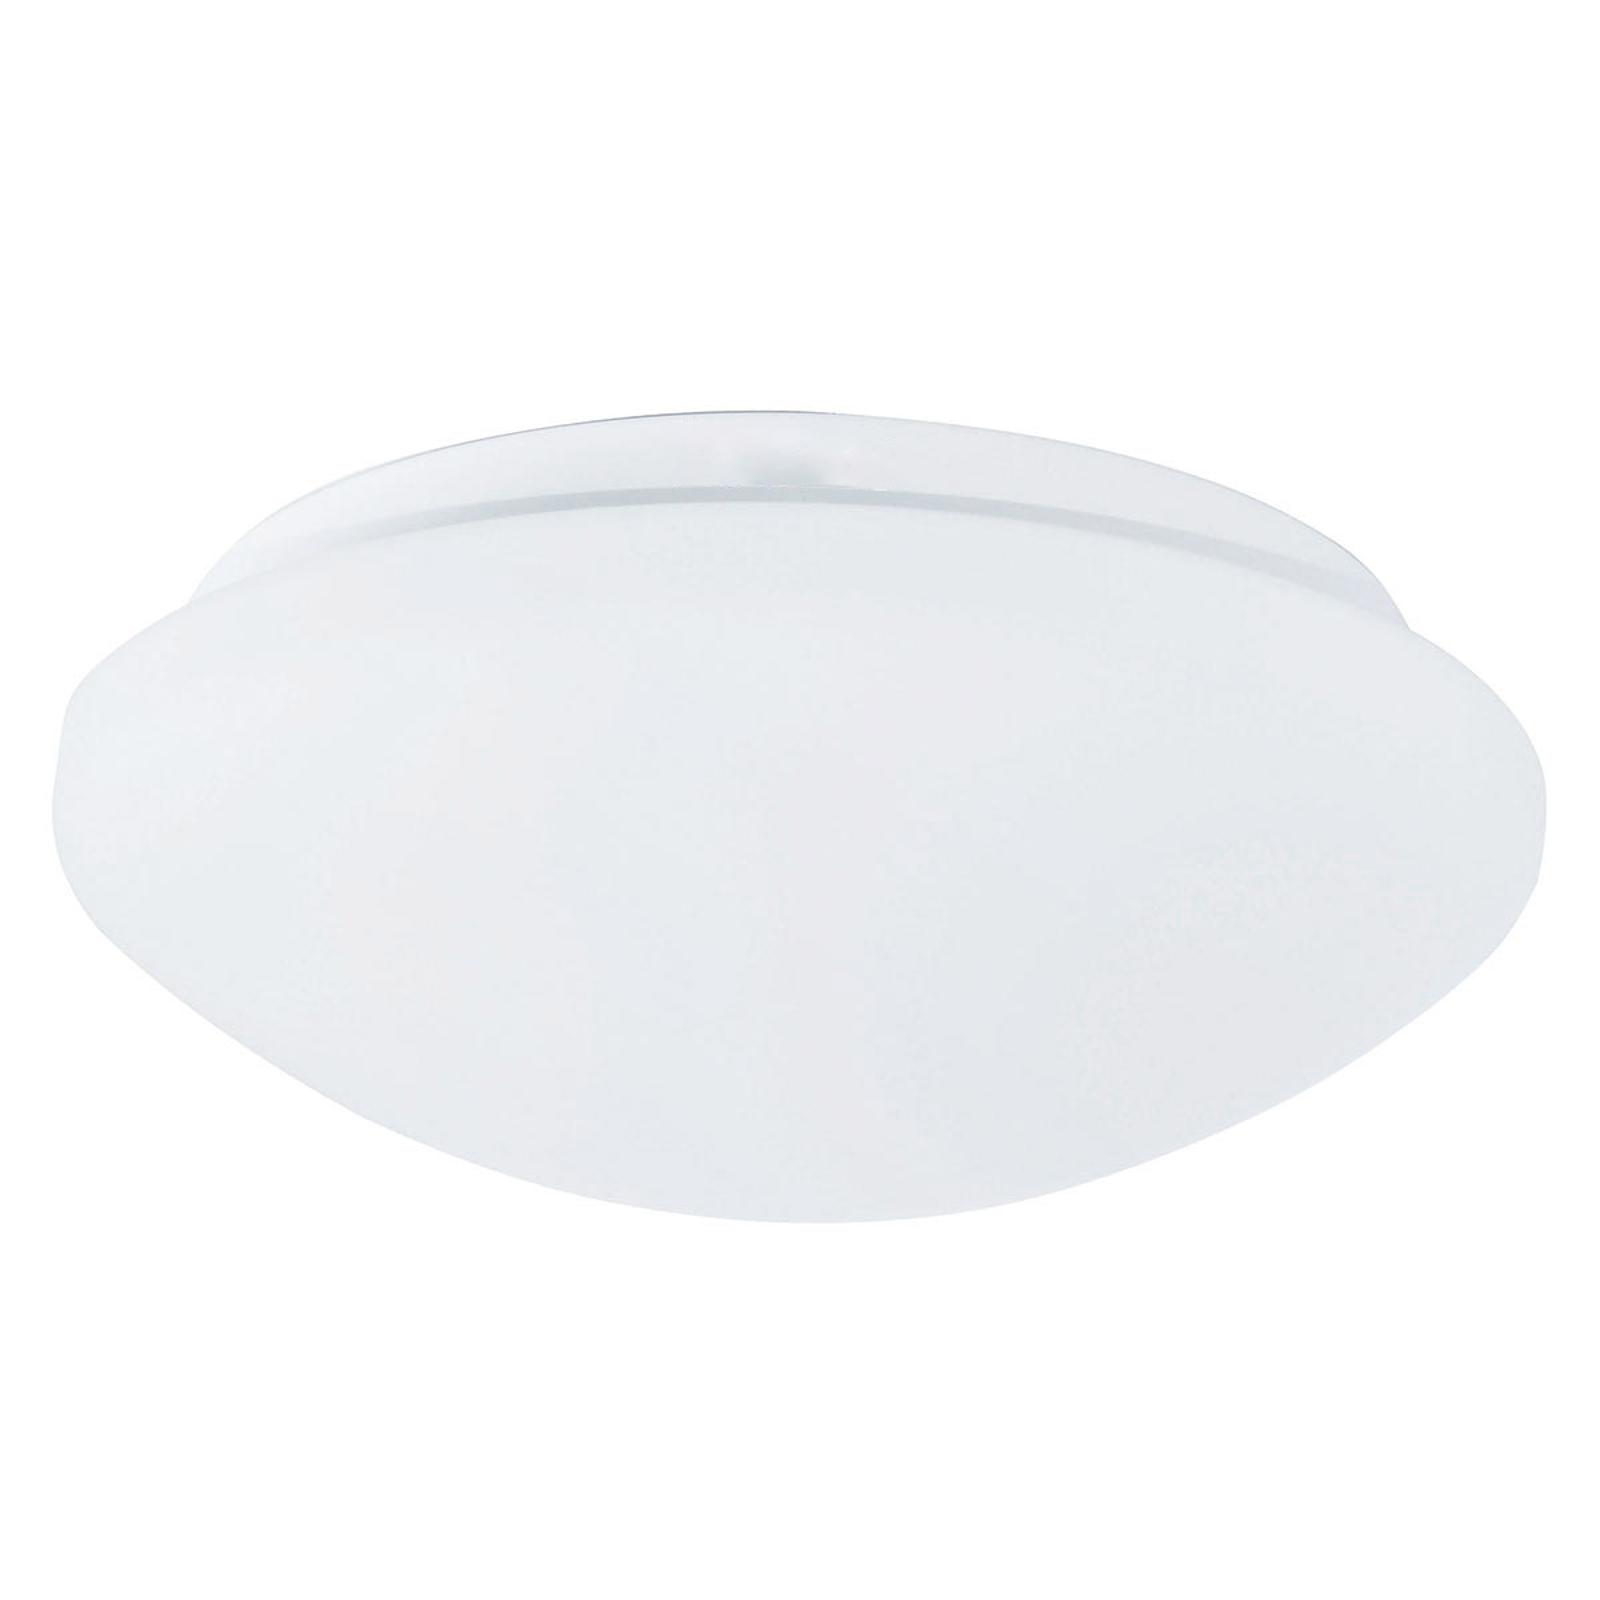 Lampa sufitowa z czujnikiem ruchu LED-DLMW1828cw